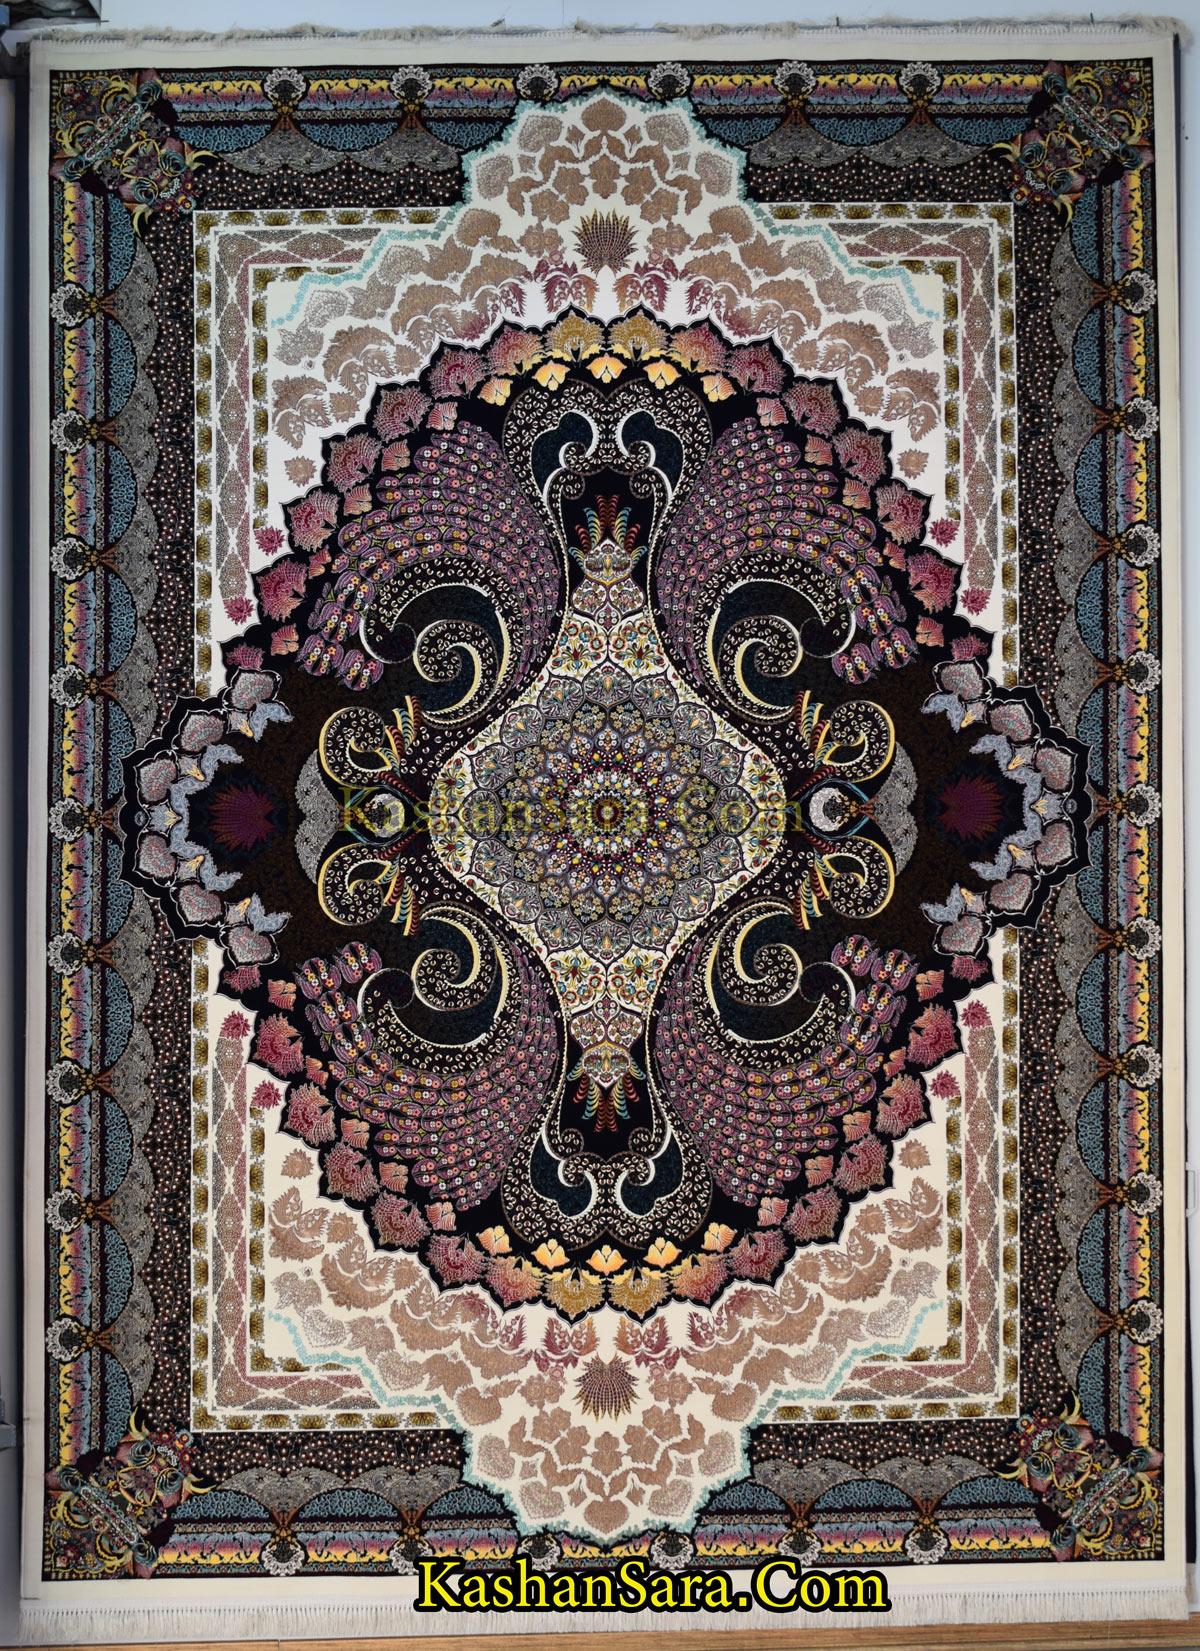 فرش طرح طاووس ۱۲۰۰ شانه تراکم ۳۶۰۰